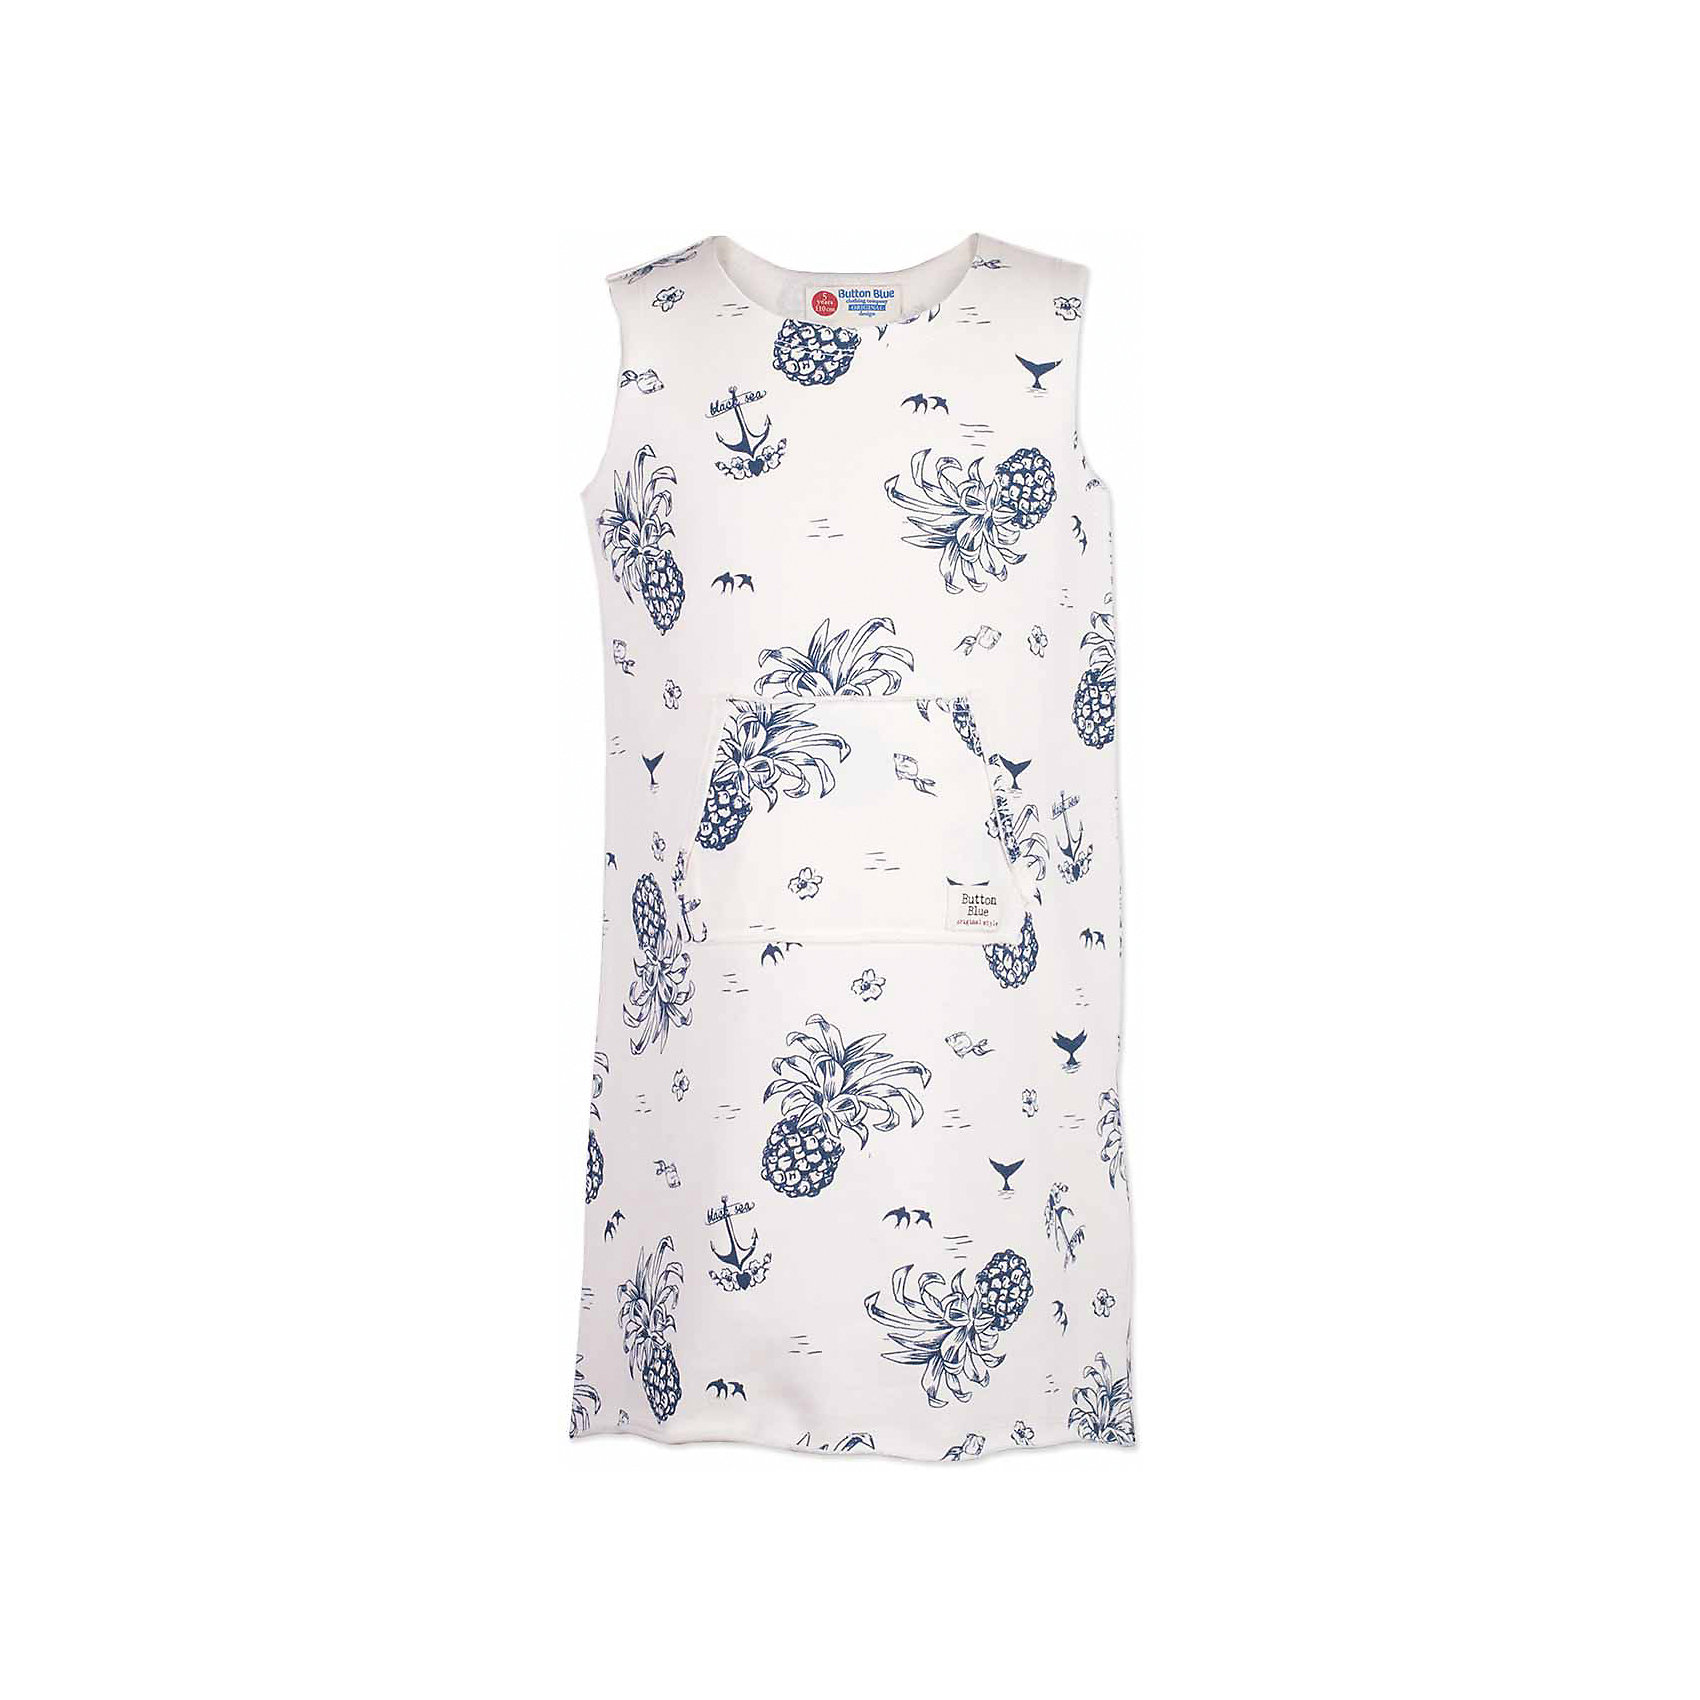 Платье для девочки  BUTTON BLUEПлатья и сарафаны<br>Платье для девочки  BUTTON BLUE<br>Хит прогулочного летнего гардероба, трикотажное платье с рисунком, выглядит отлично! Модная форма с заниженной линией спинки,  красивый силуэт, детали делают платье идеальным решением на каждый день. Купить детское трикотажное платье от Button Blue, значит, позаботиться о комфорте и прекрасном внешнем виде своего ребенка.<br>Состав:<br>60% хлопок 40% полиэстер<br><br>Ширина мм: 236<br>Глубина мм: 16<br>Высота мм: 184<br>Вес г: 177<br>Цвет: белый<br>Возраст от месяцев: 48<br>Возраст до месяцев: 60<br>Пол: Женский<br>Возраст: Детский<br>Размер: 110,158,98,104,116,122,128,134,140,146,152<br>SKU: 5523433